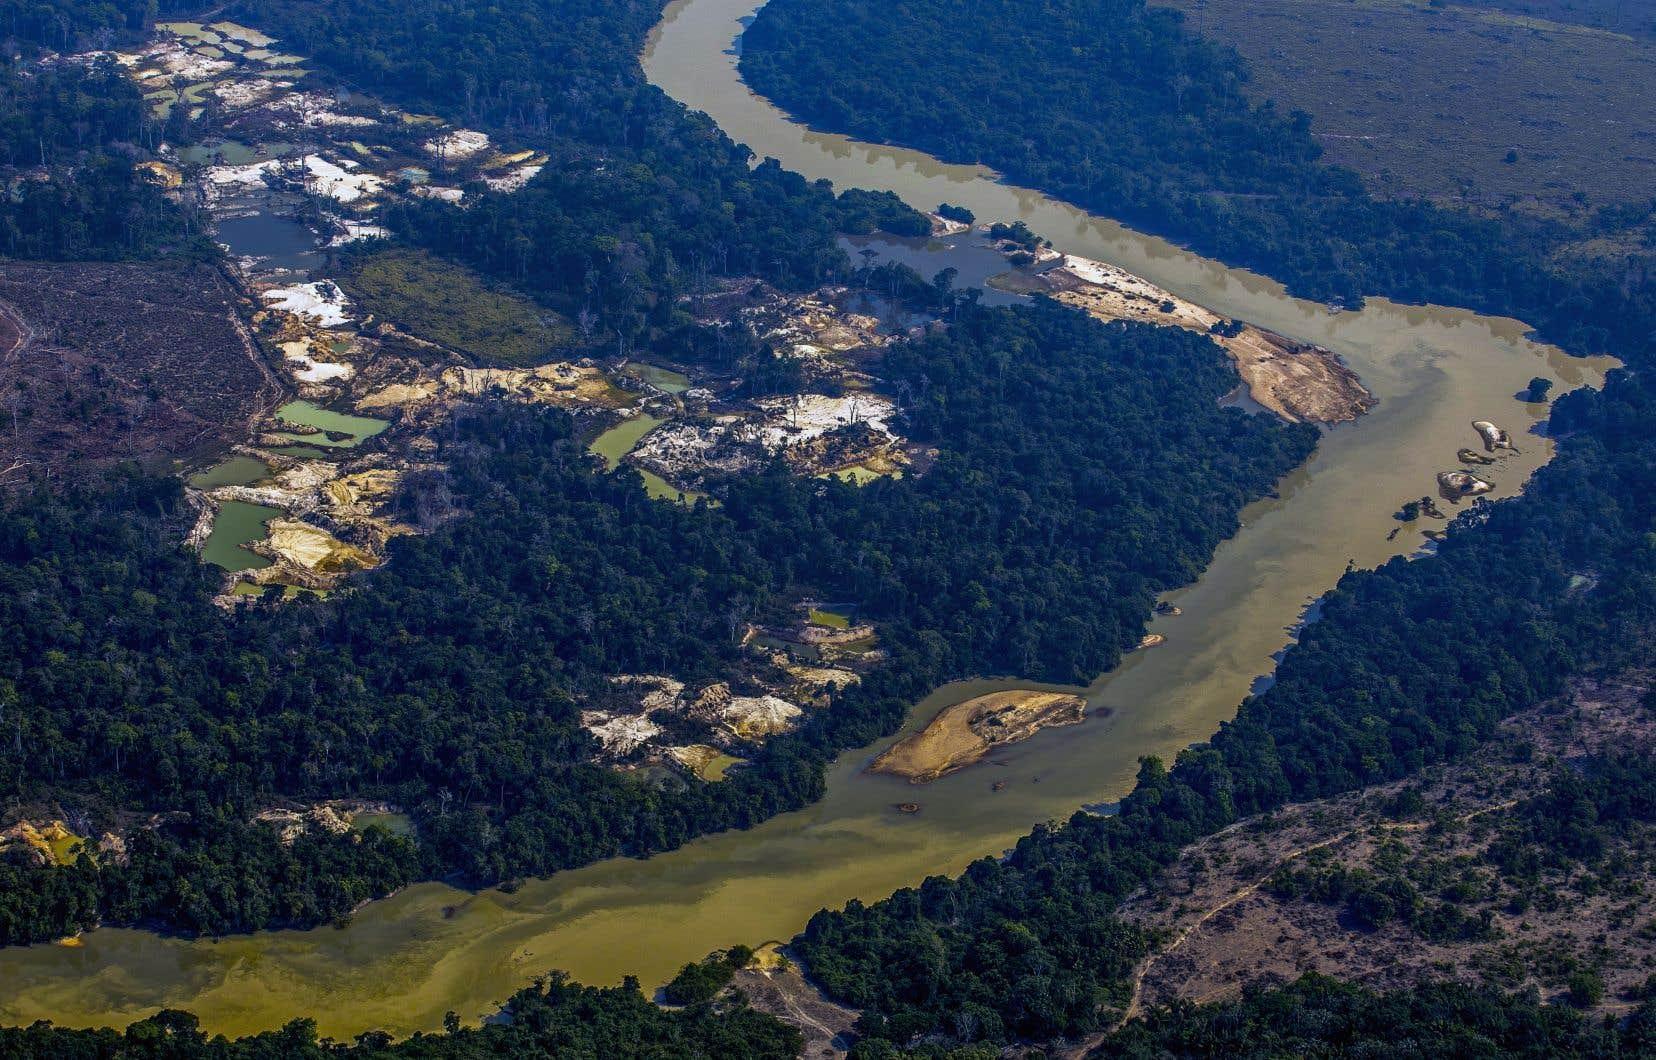 L'ouverture aux activités économiques des terres indigènes a accru ces derniers mois, selon des représentants de ces communautés indigènes et d'ONG, la violence et la pression des entreprises minières et d'exploitation du bois en Amazonie.